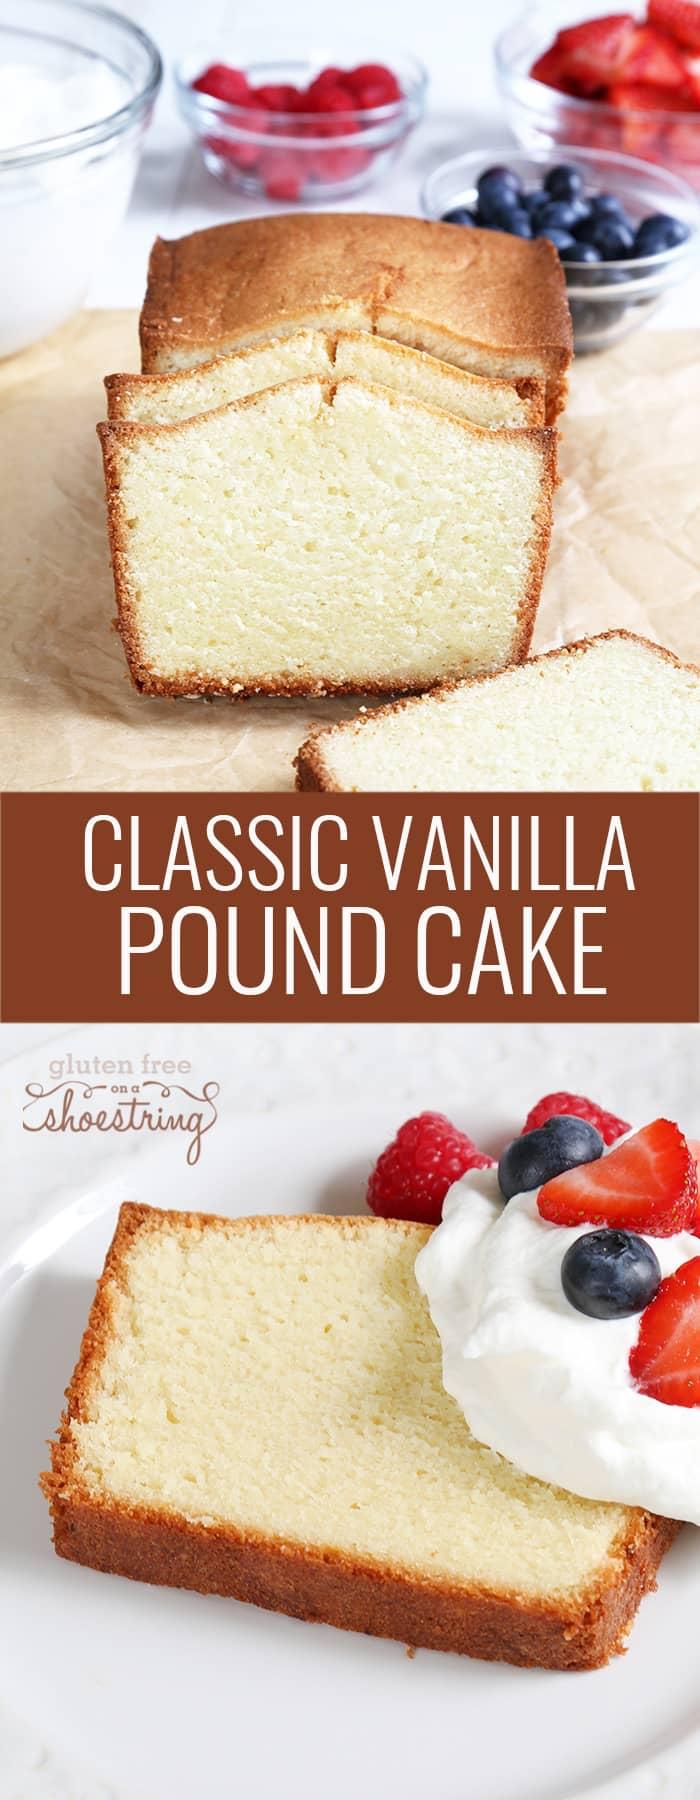 klassischer vanillekuchen garniert mit sahne und früchten, rezepte glutenfrei, frühstücksideen